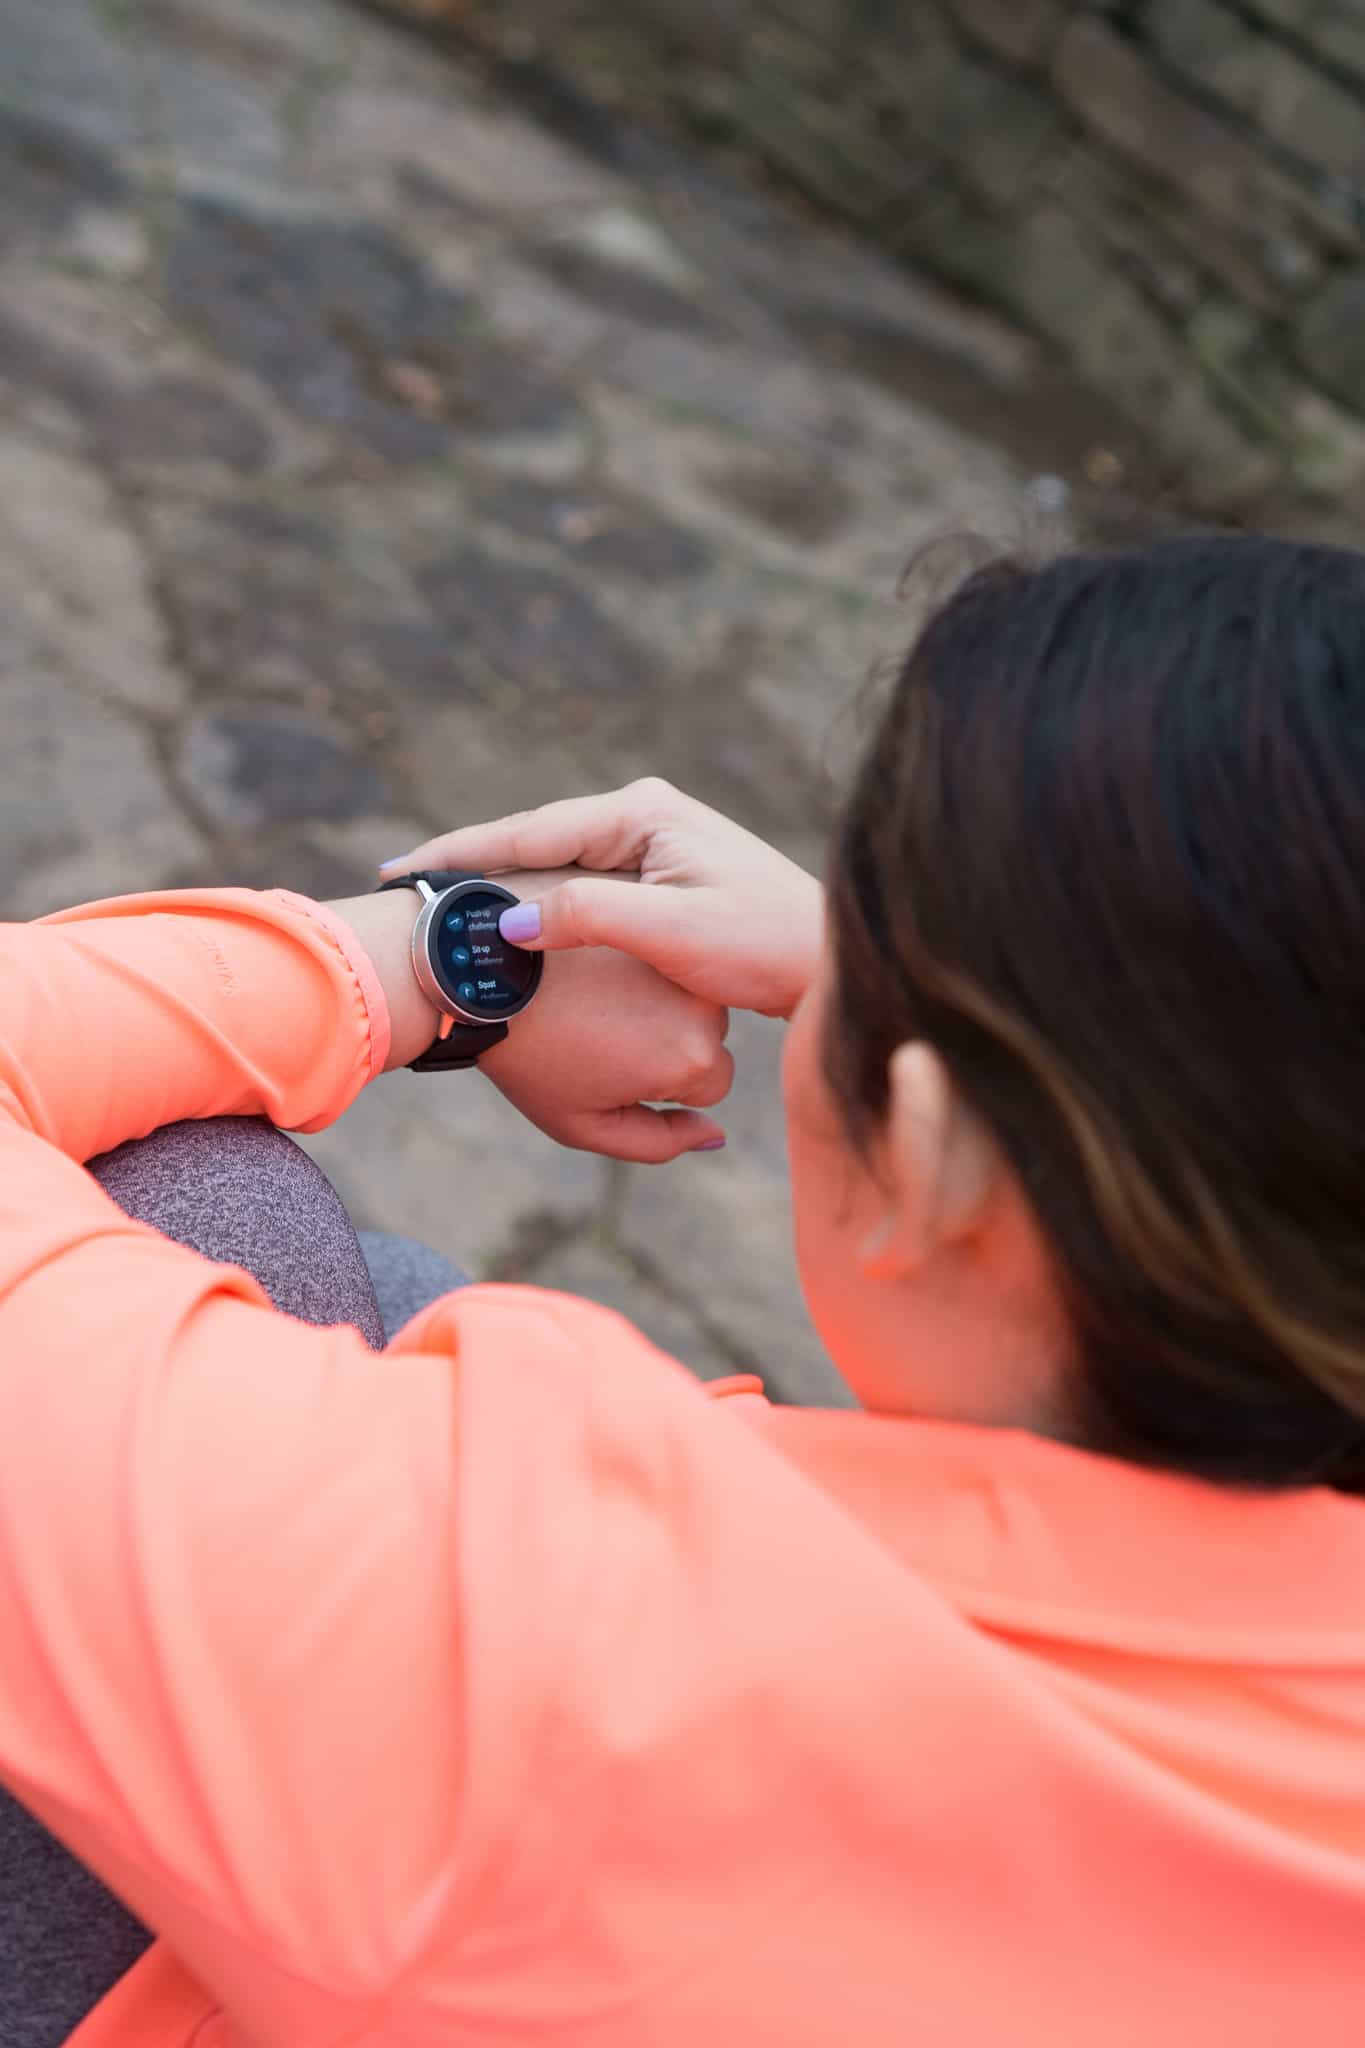 Misfit Vapor Smartwatch - Lace & Sparkles